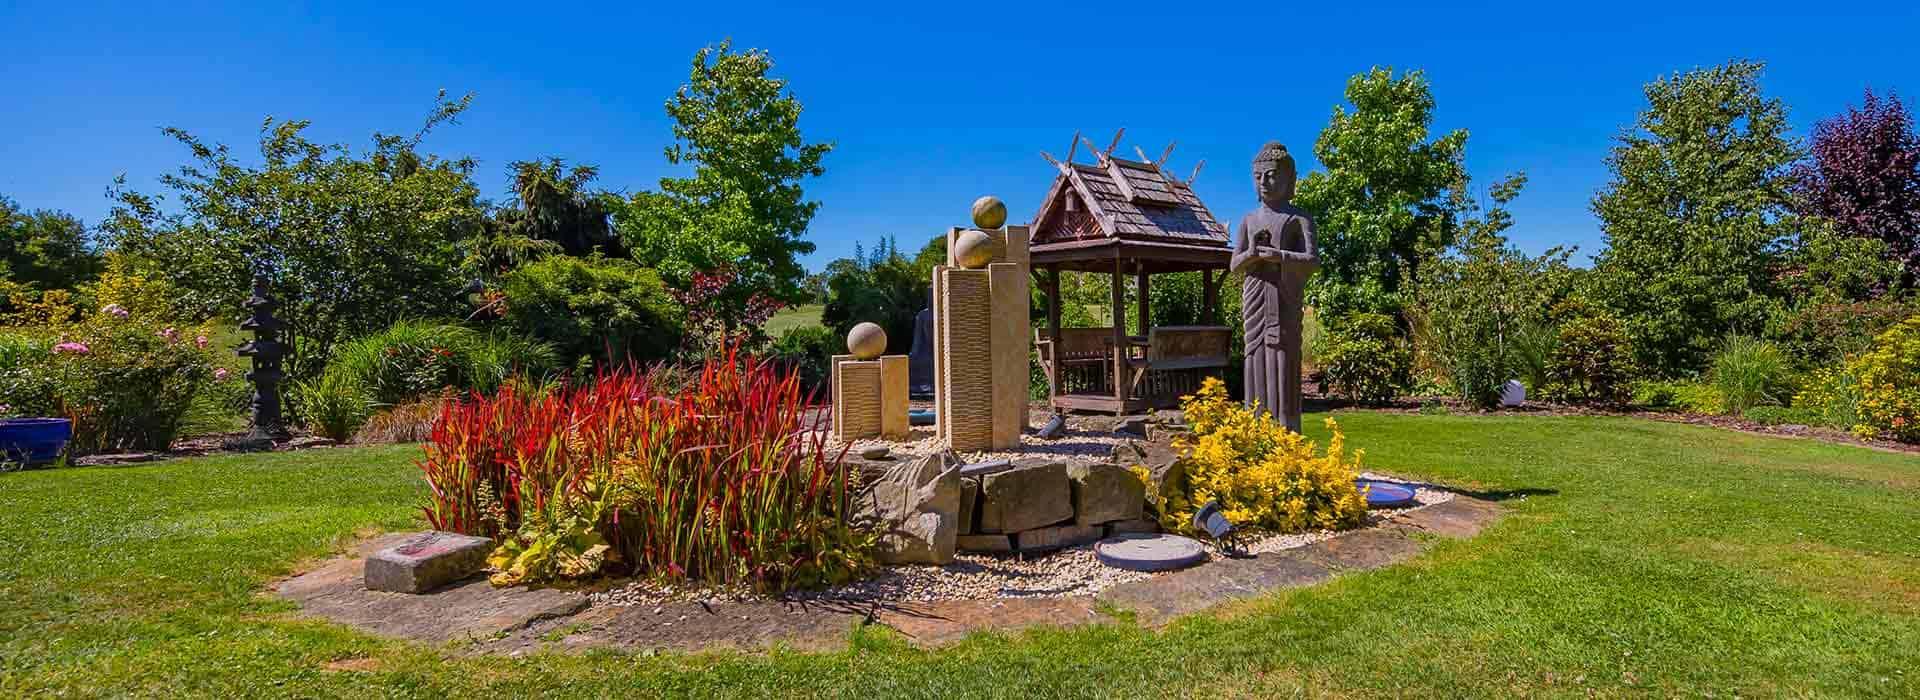 Park ähnliche Gruenanlage mit Buddha und Lavastein Skulpturen im LANAI green nature Spa